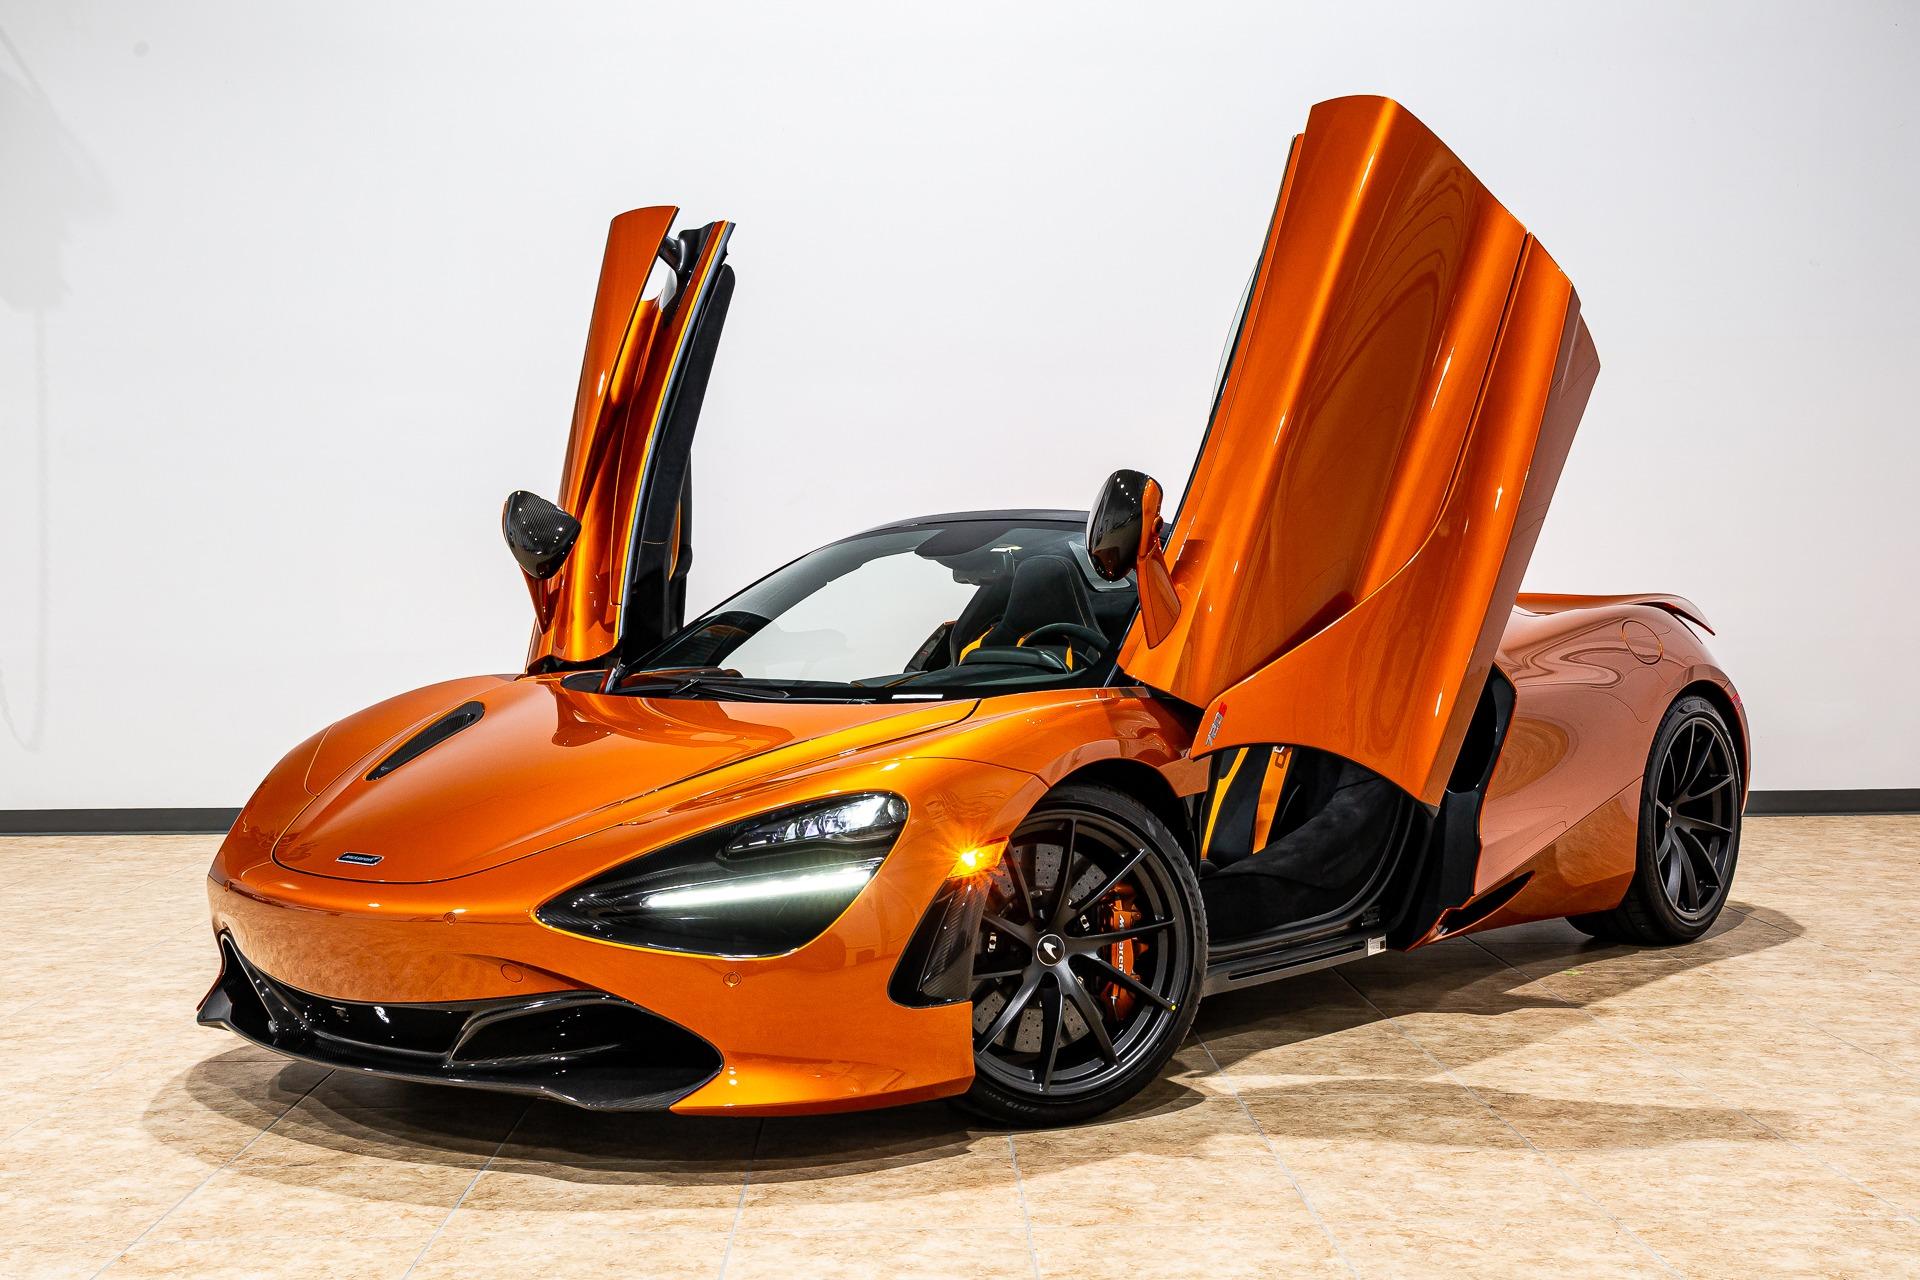 New 2019 McLaren 720S Spider Performance for sale $400,550 at McLaren Orlando LLC in Titusville FL 32780 1